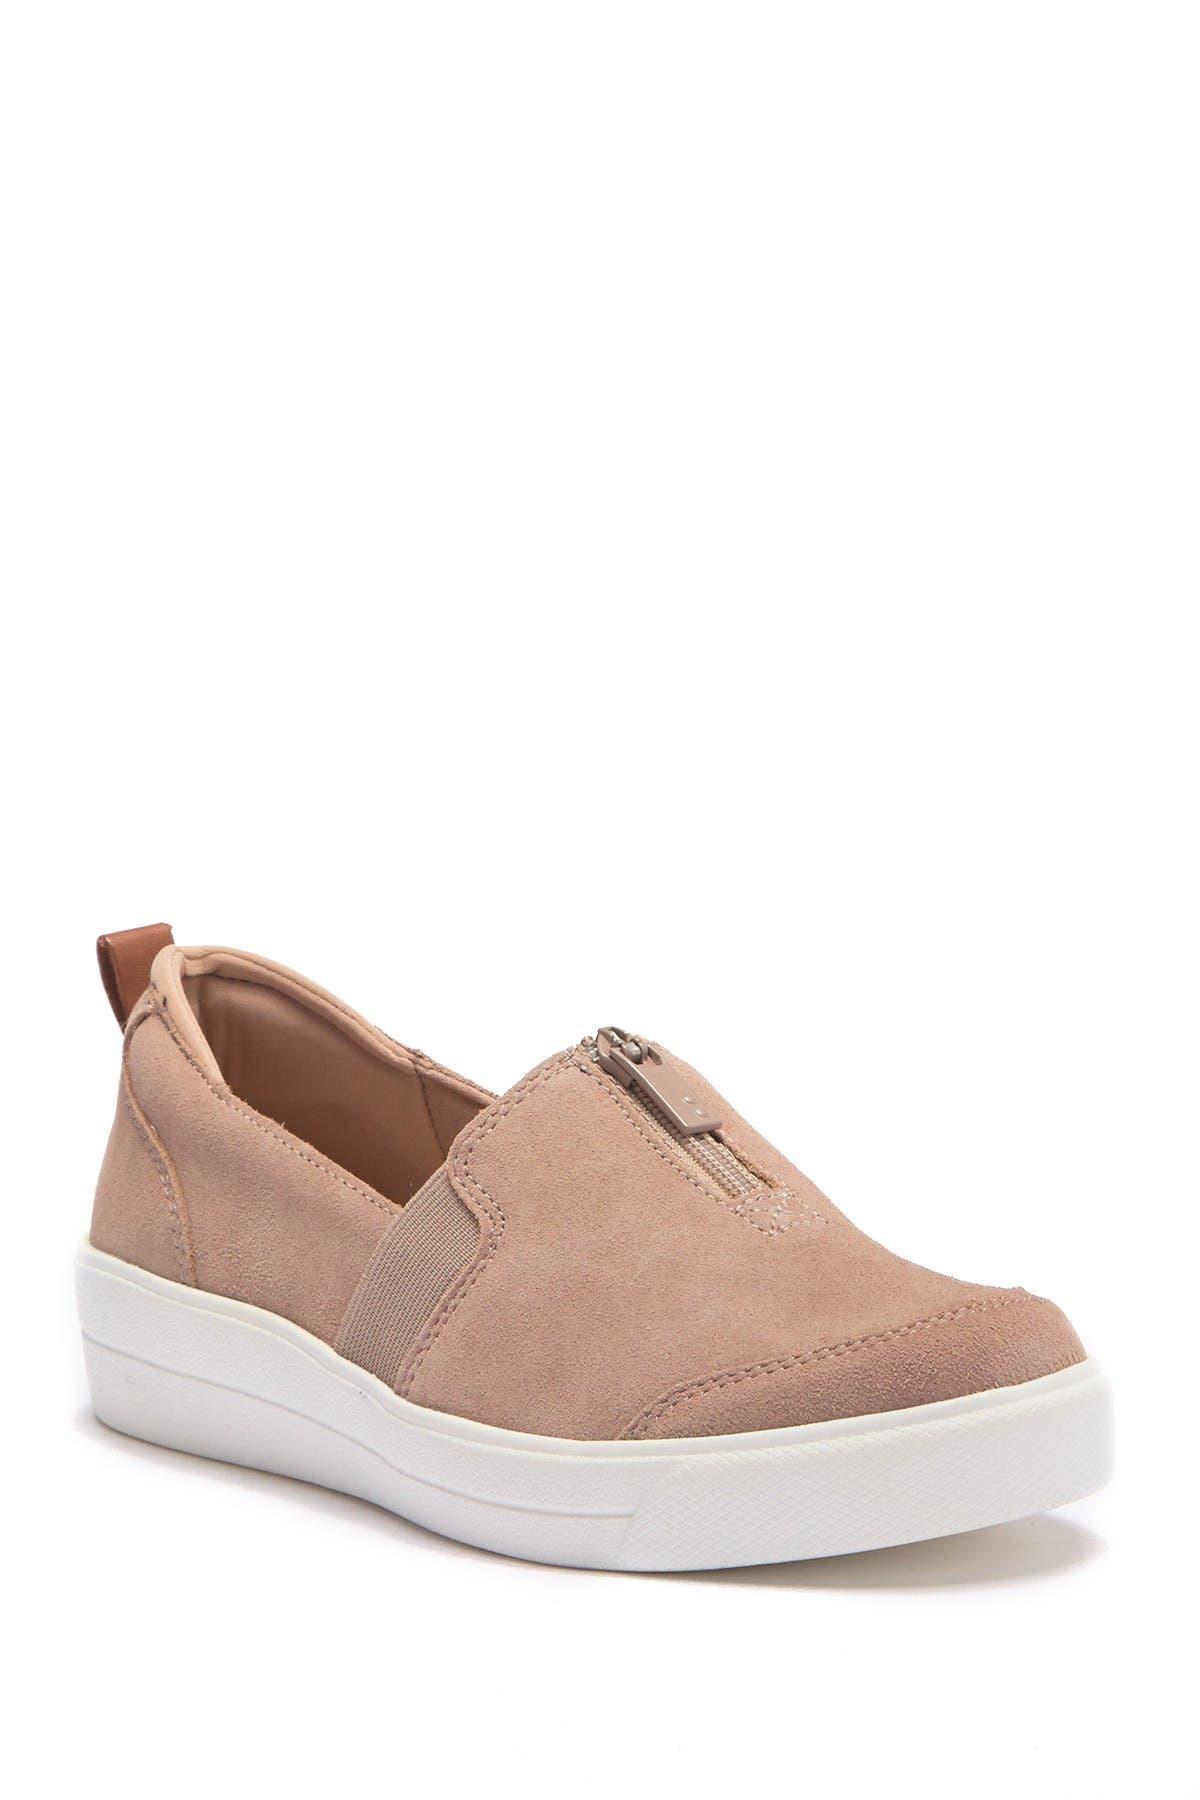 Ryka | Vivi Suede Wedge Slip-On Sneaker